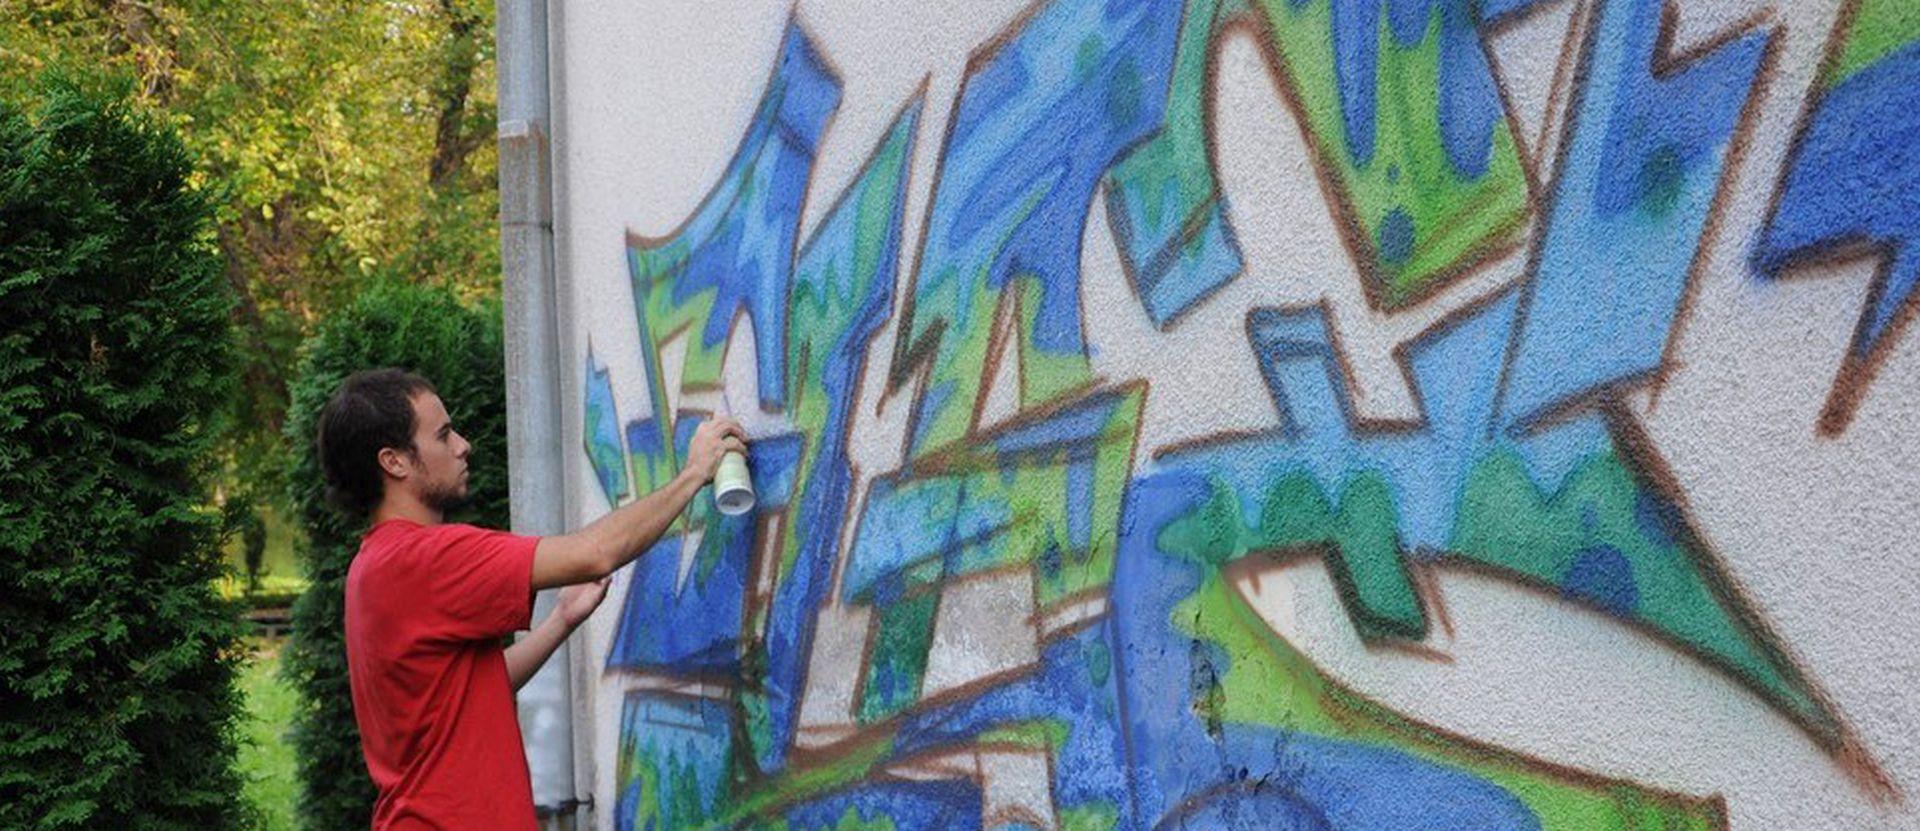 """Završio susret mladih umjetnika """"Art's here, Rights now!"""" u Karlovcu"""